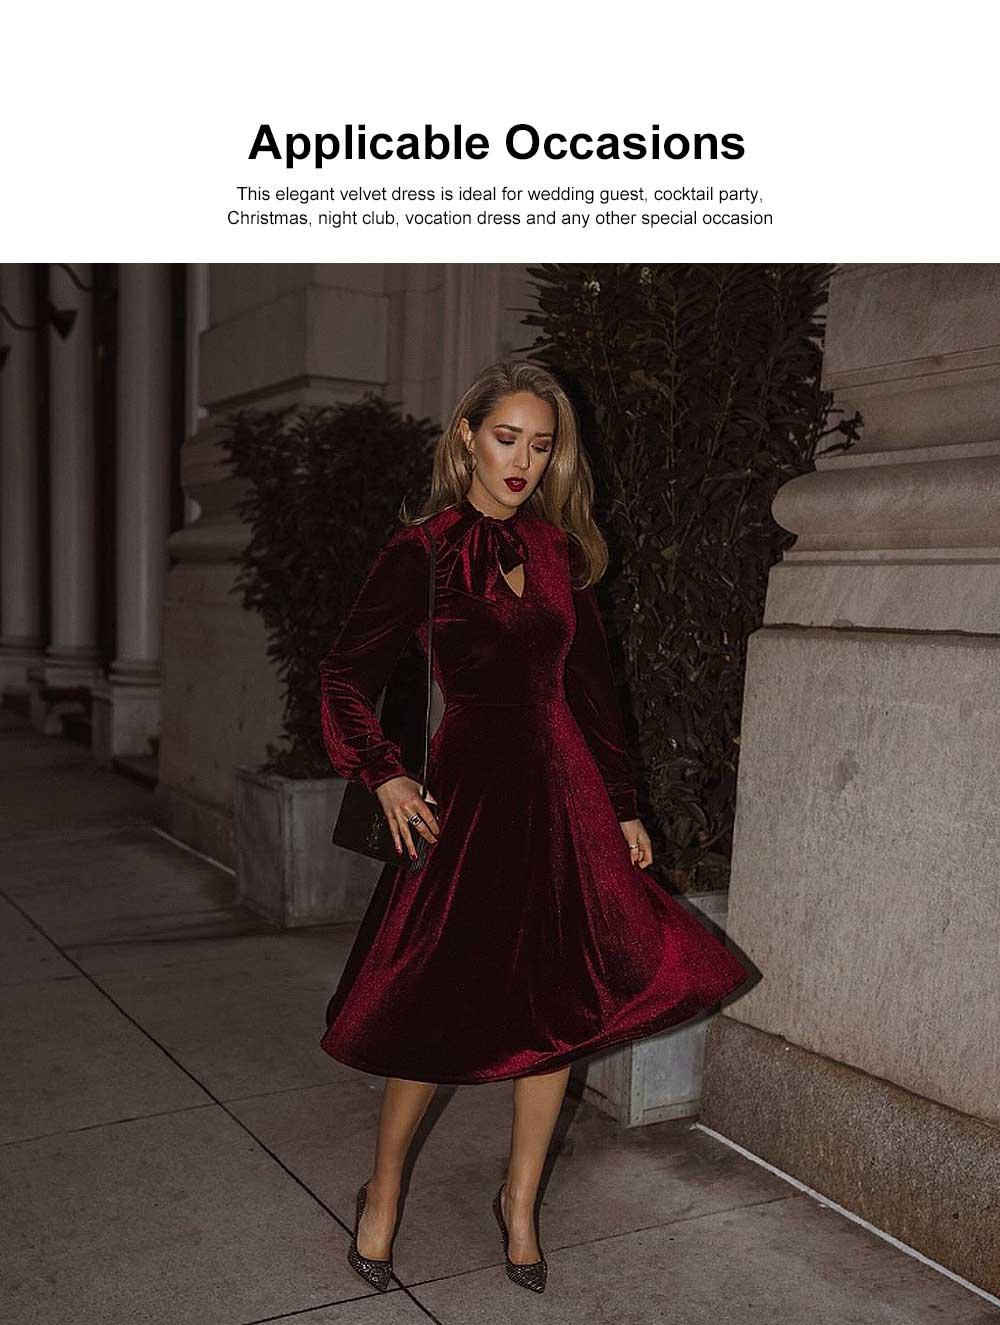 Women Choker V-Neck Velvet Dress Flare Long Sleeve Elegant A Line Dress with Bowknot Design 1